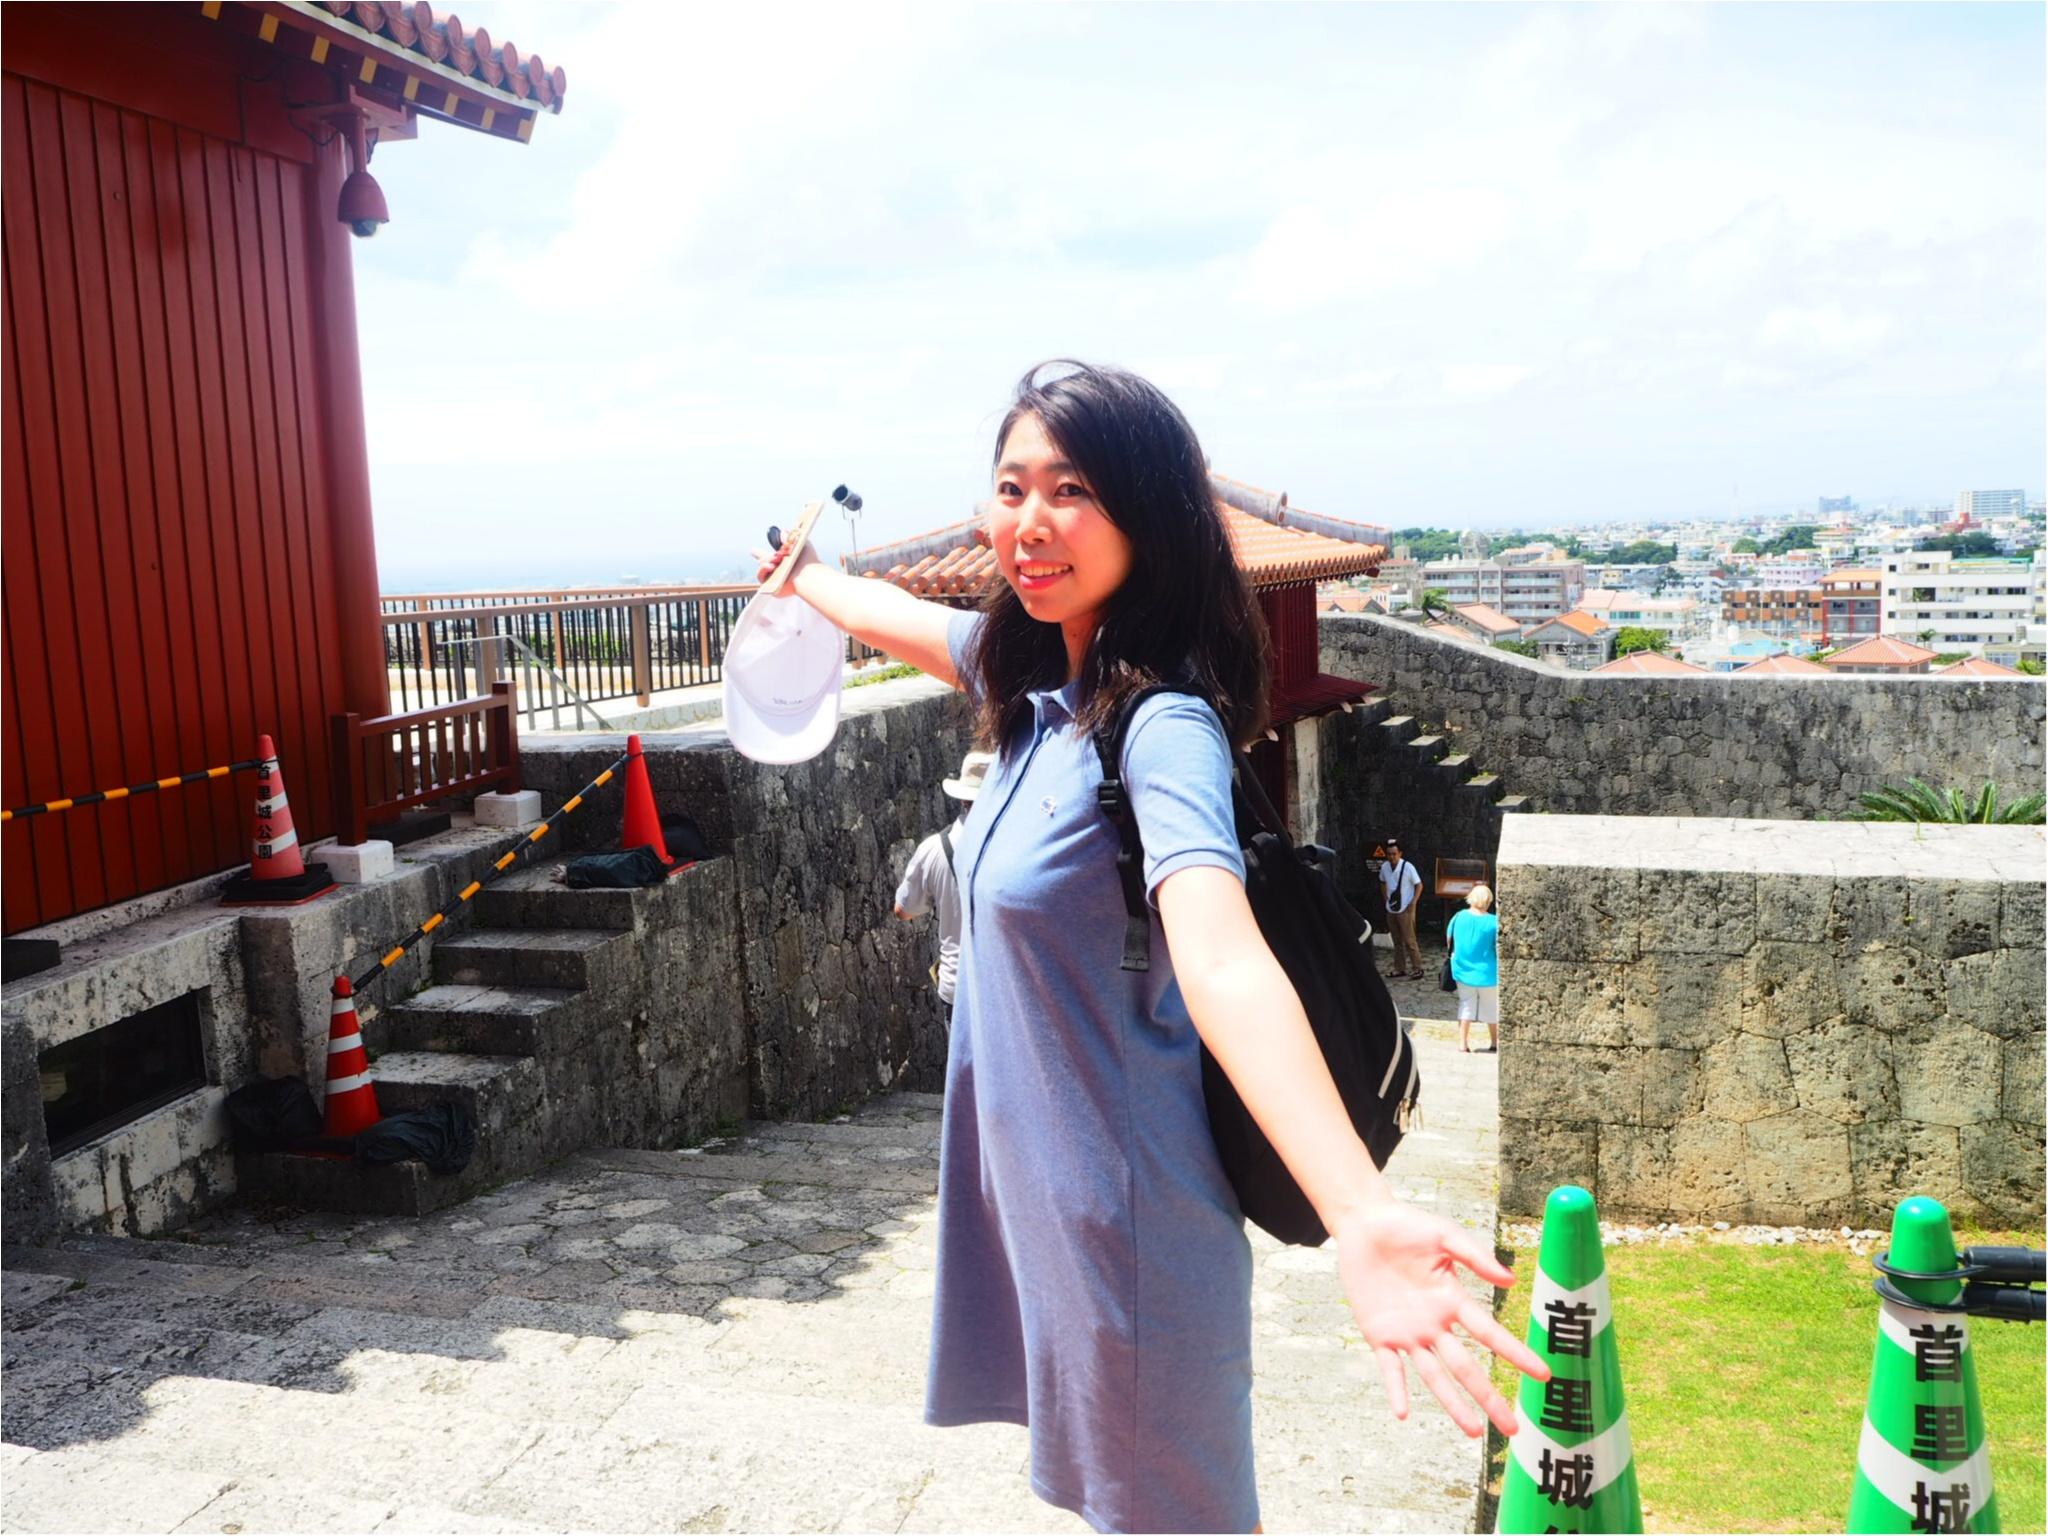 【女子旅♬】part.①沖縄に行ってきました〜♡ファットジェニックたっぷり♡〜レンタカーを使わなくても(ペーパードライバー)たっぷり楽しめました♡♡自然豊かで、とっても癒されました♡_2